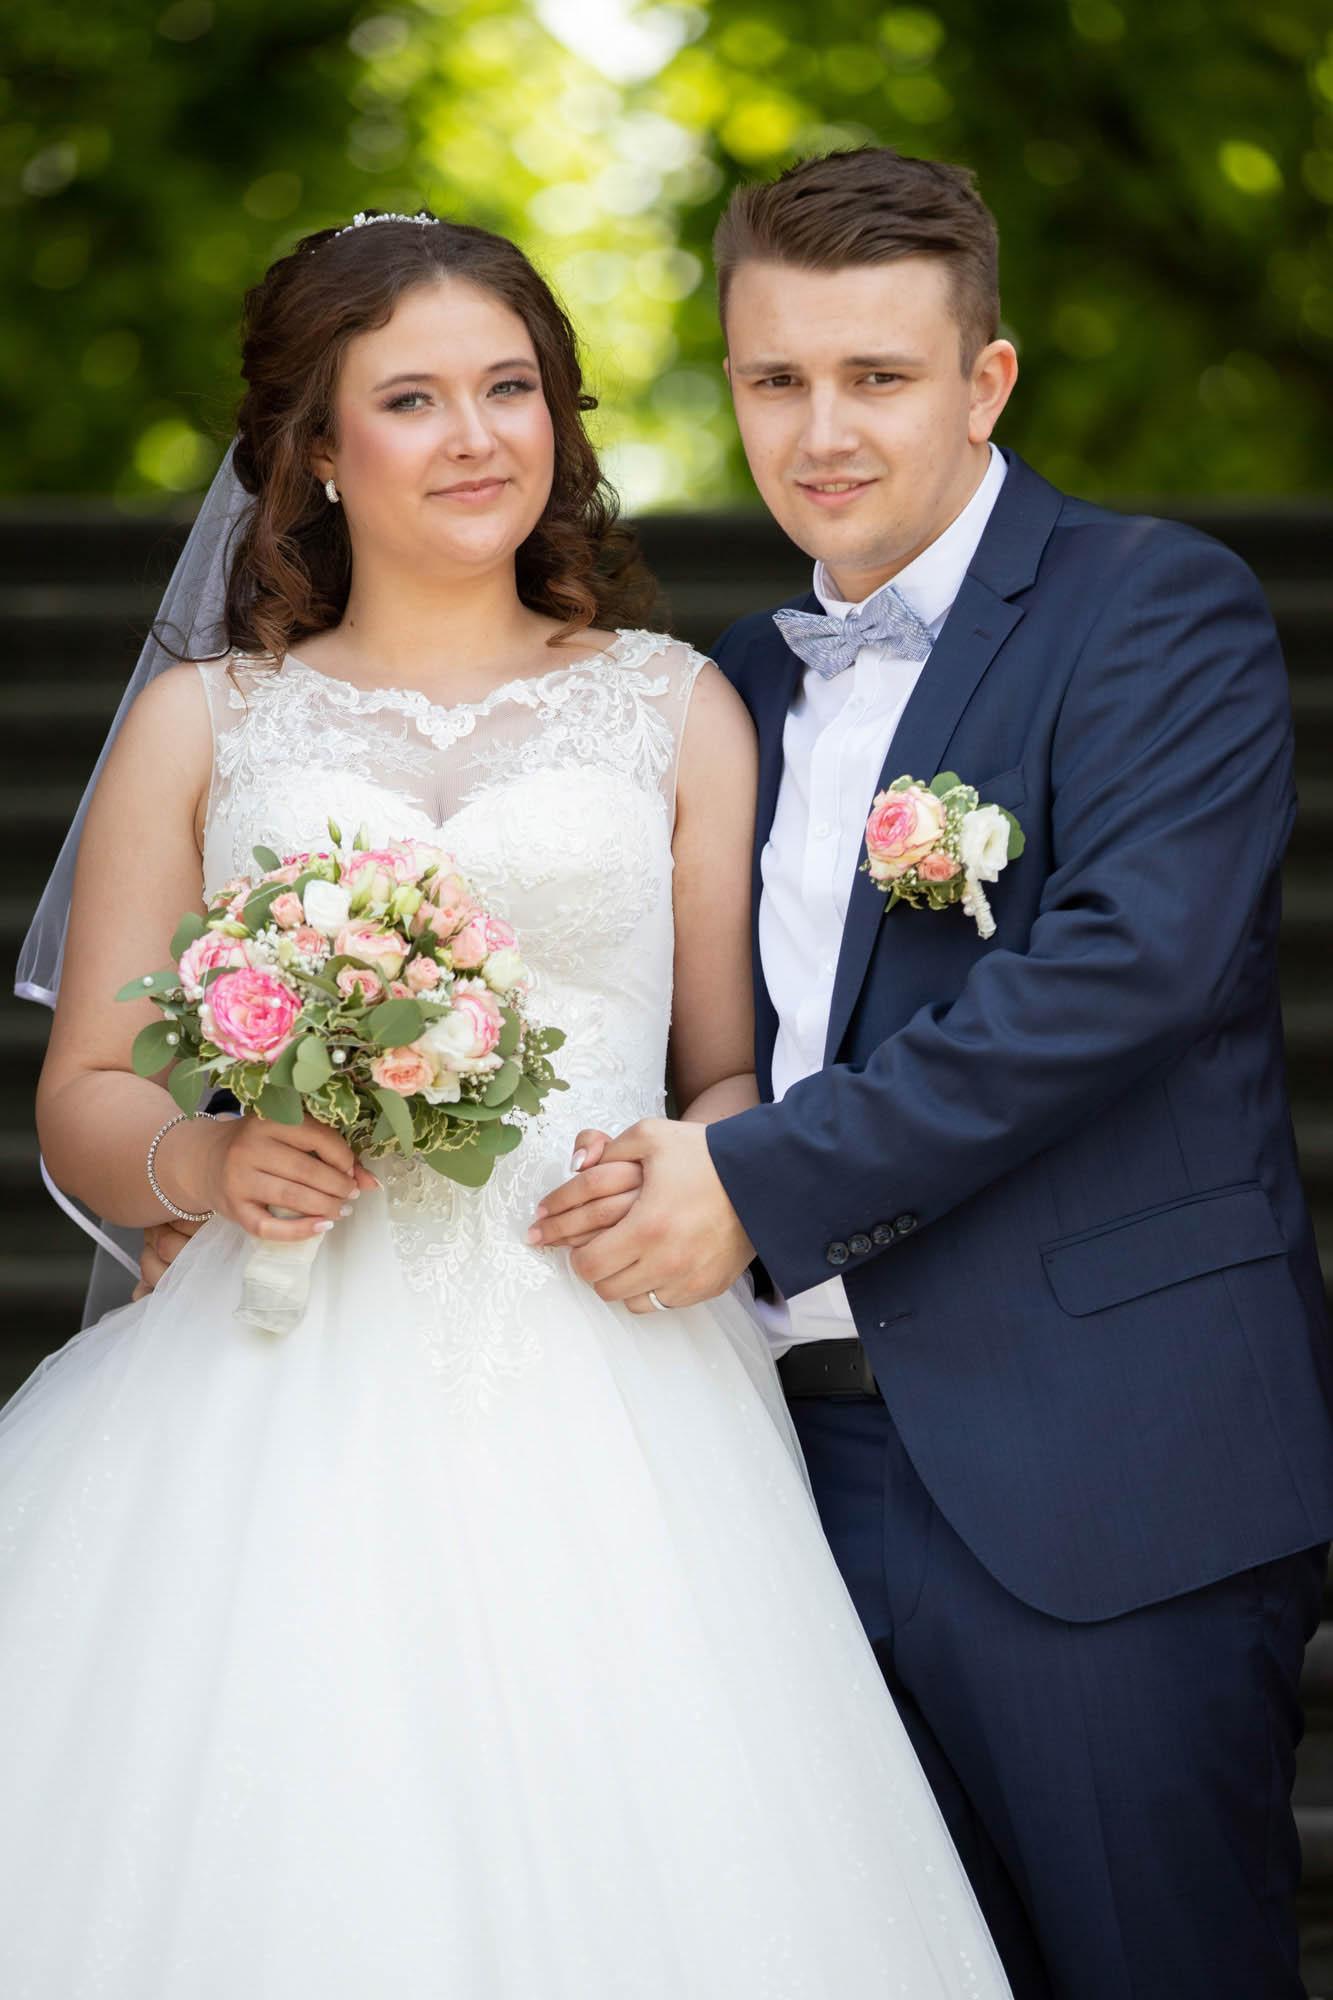 Hochzeitsfotos im Park in Hannover 5